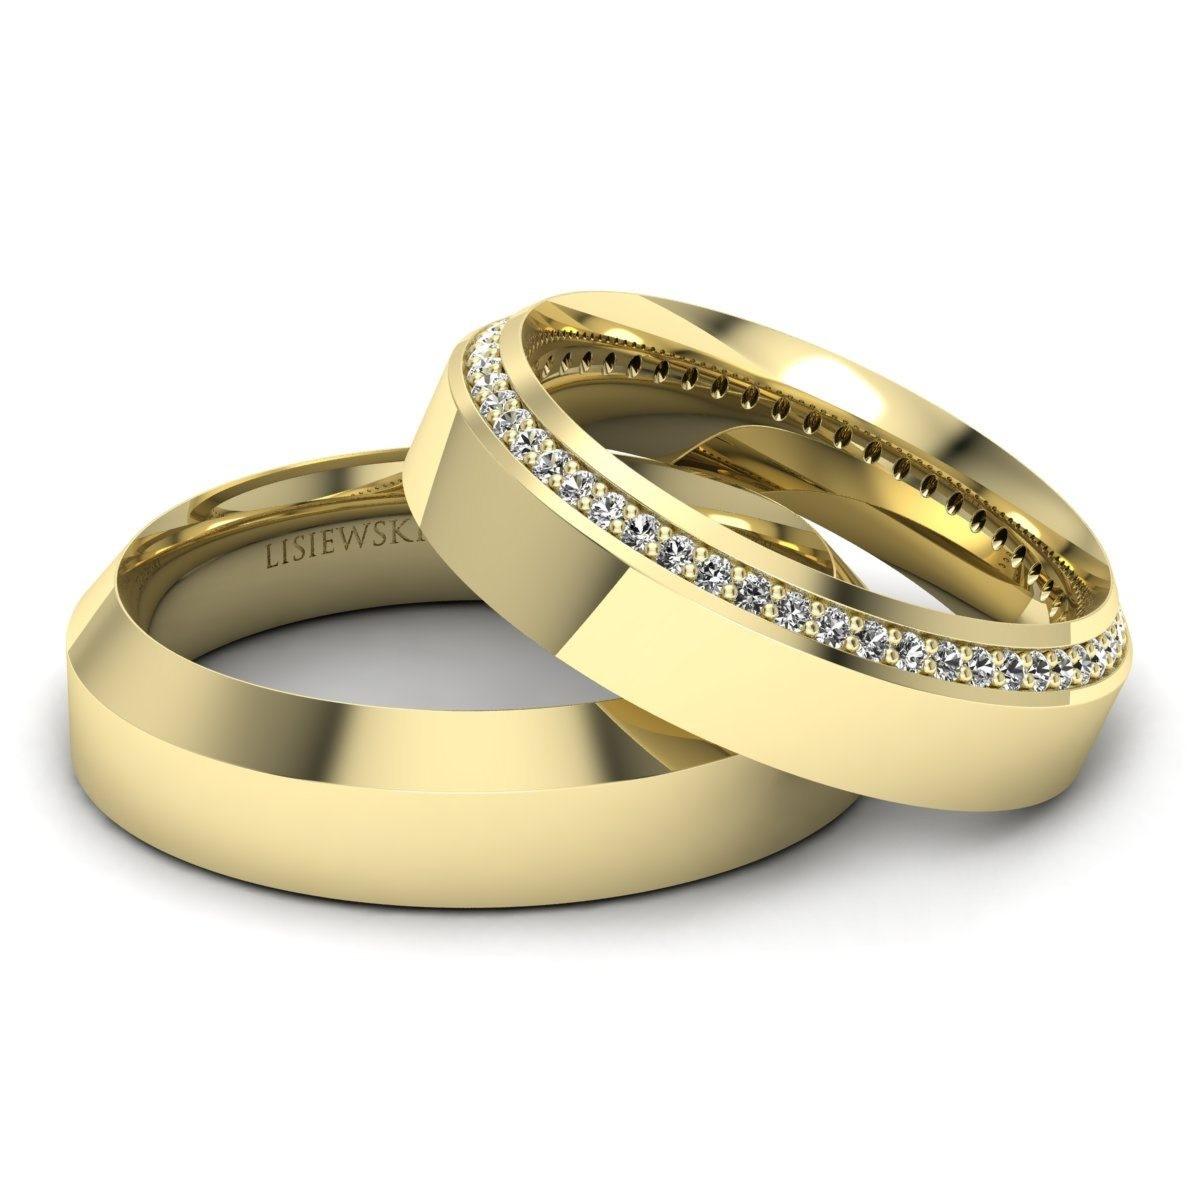 Amore - Obrączki ślubne z diamentami